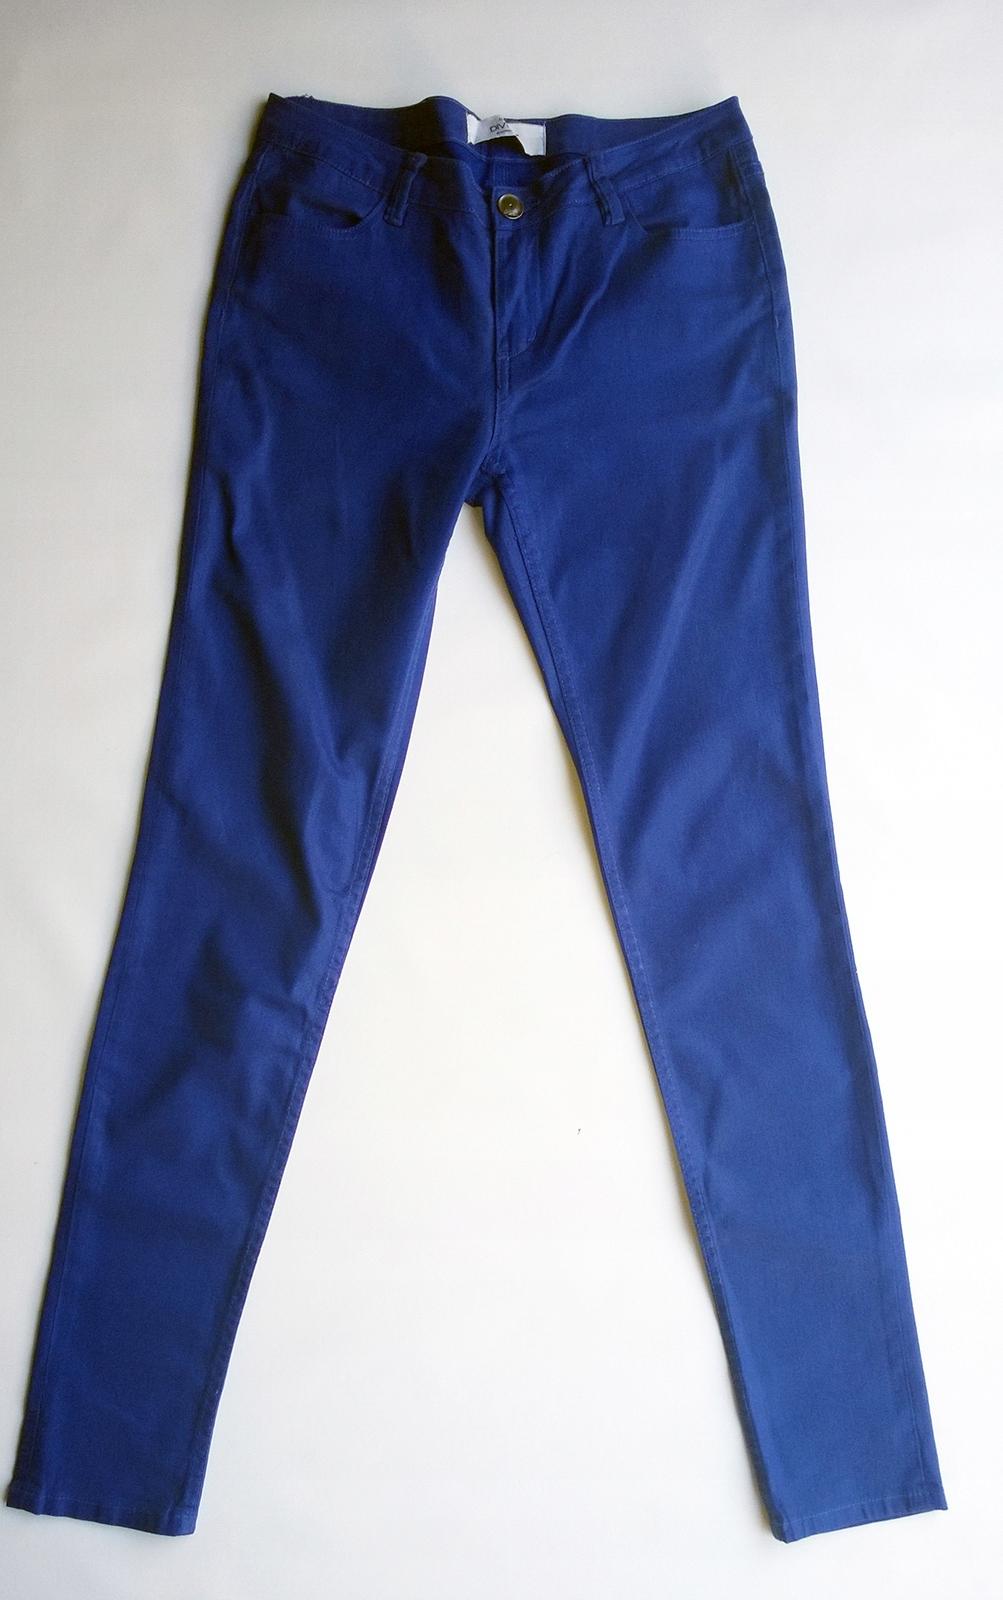 spodnie nabłyszczane zara